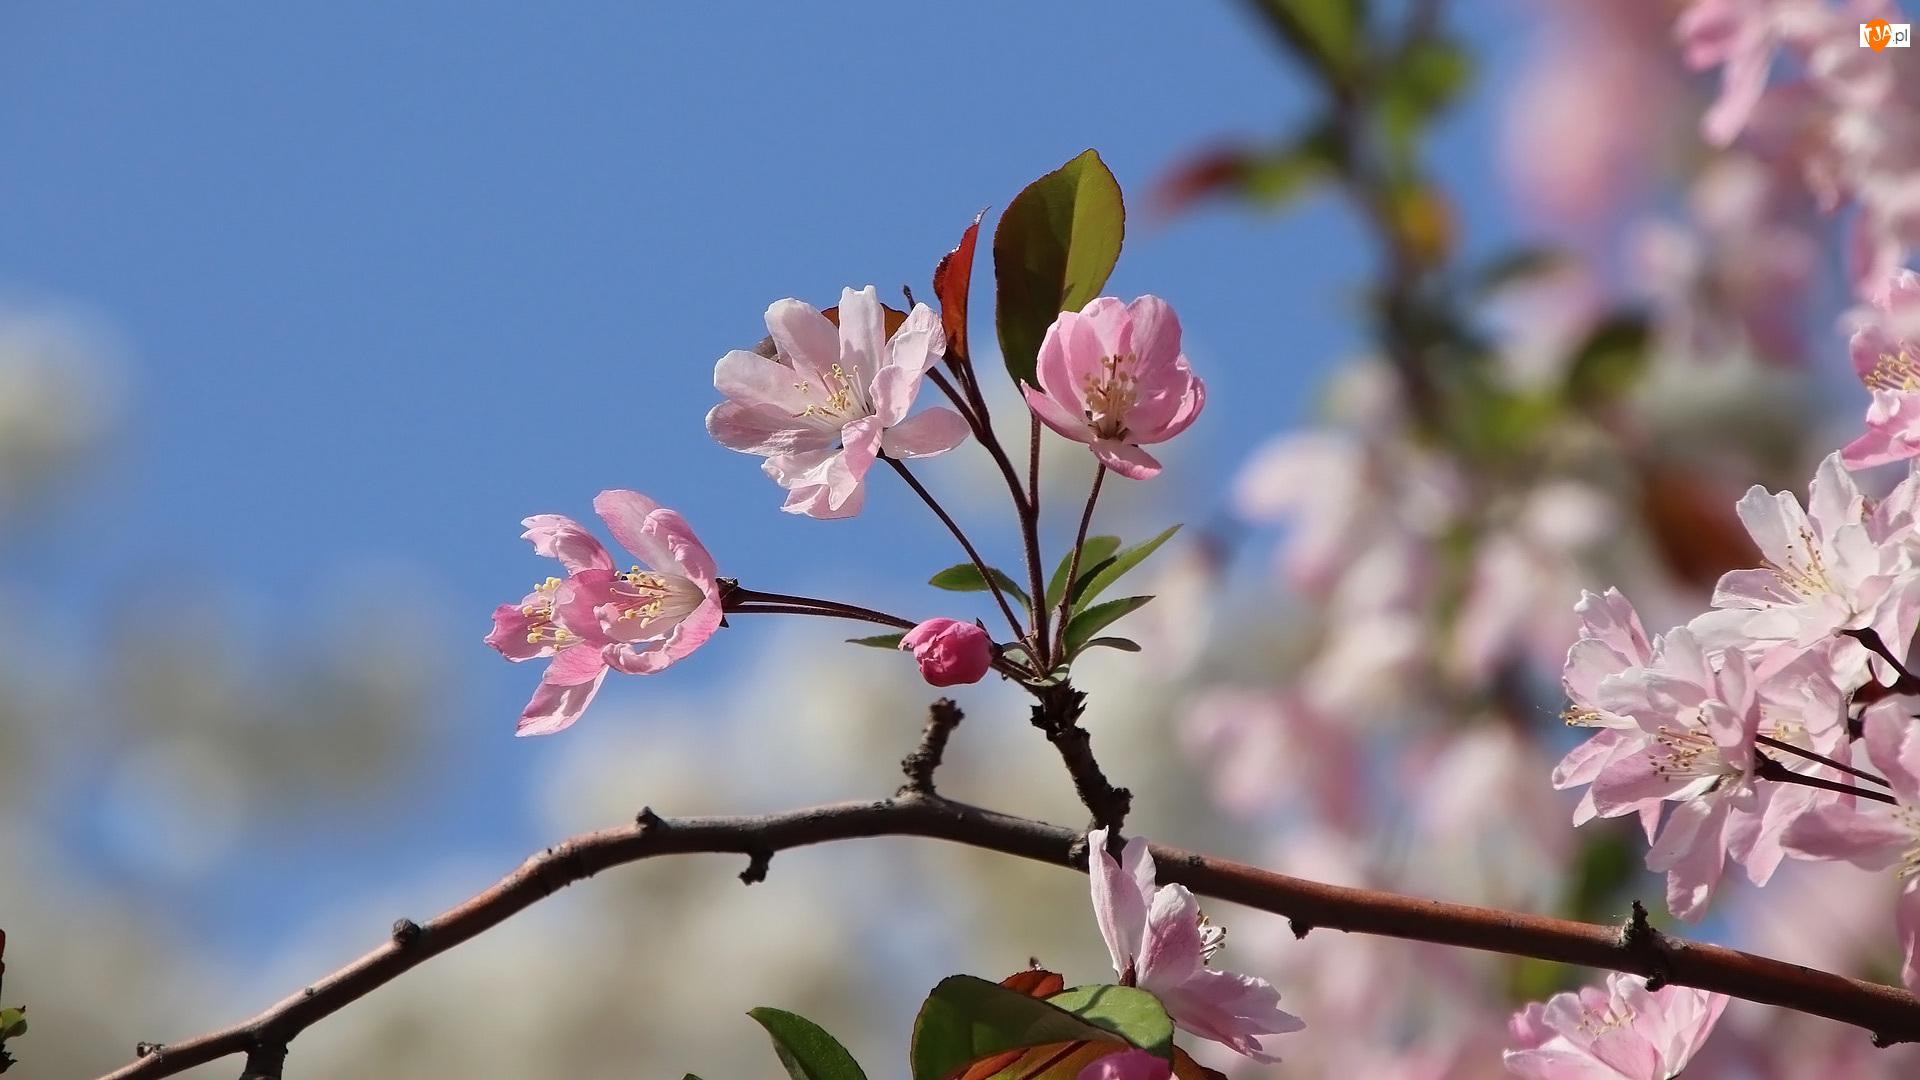 Gałązka, Kwiaty, Jabłoń, Drzewo owocowe, Różowe